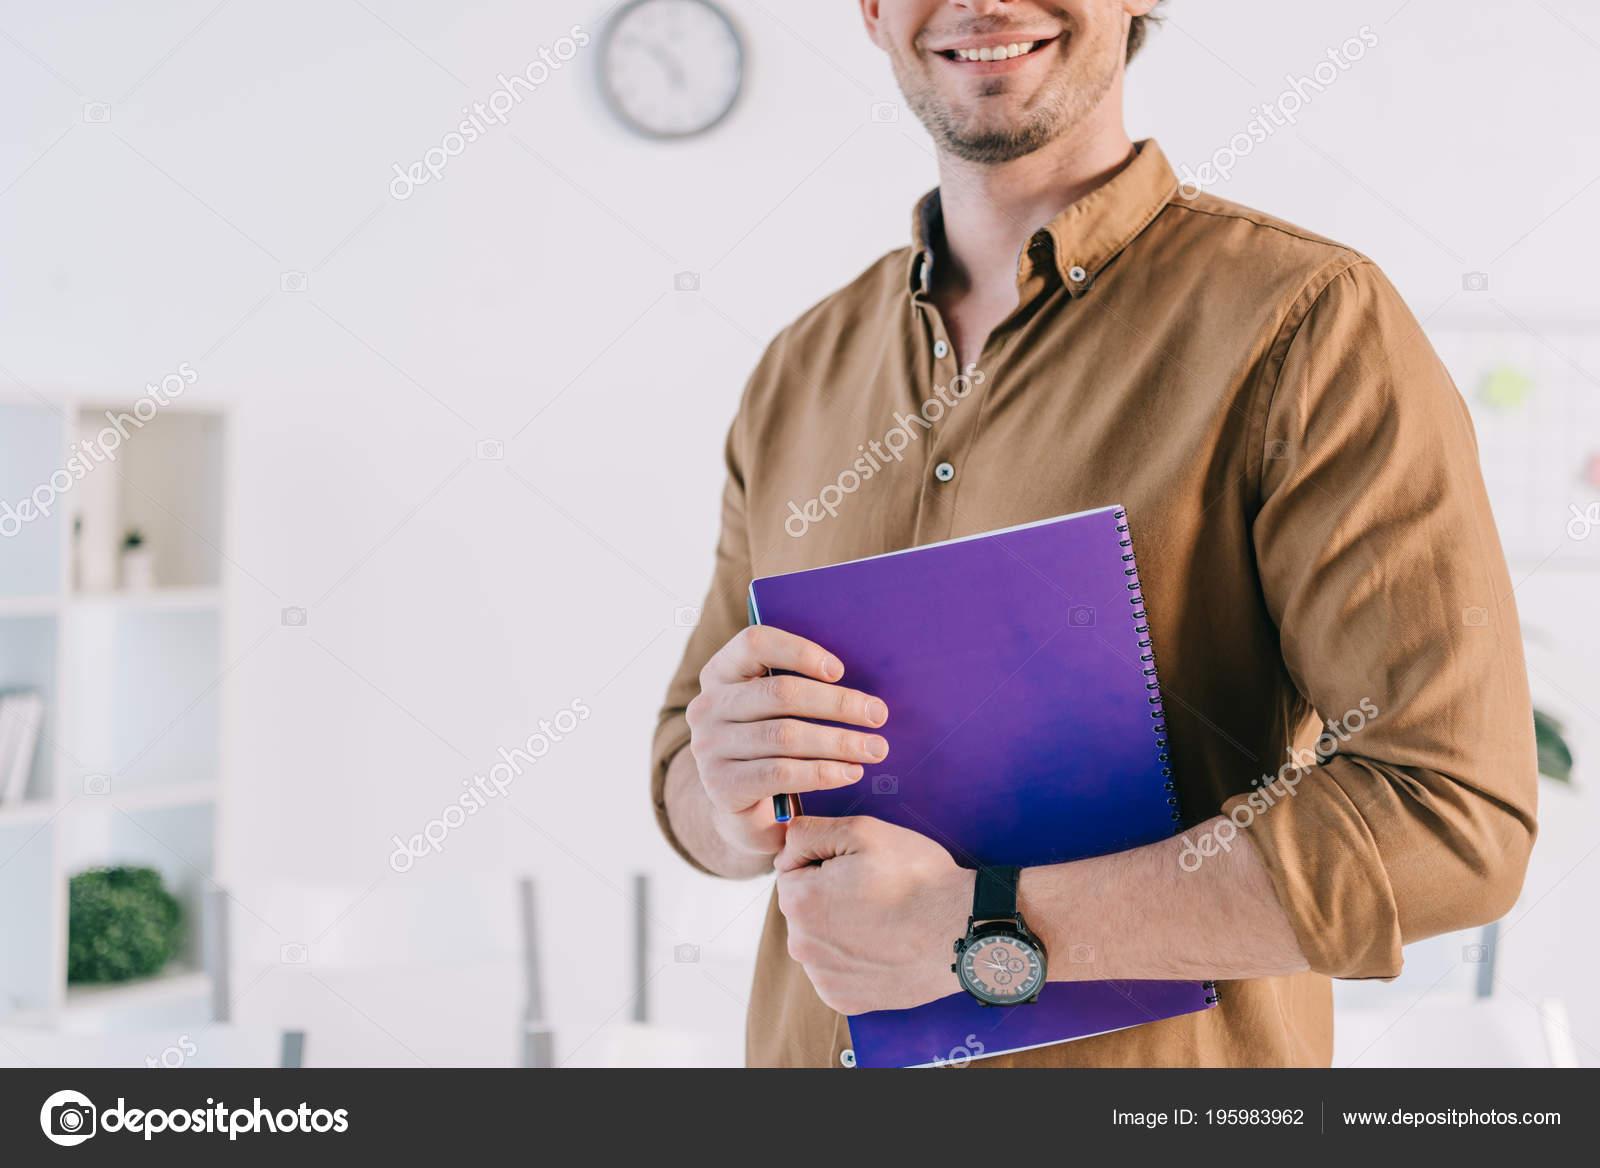 Abbigliamento Ufficio Uomo : Ritagliata colpo uomo affari sorridente abbigliamento casual con